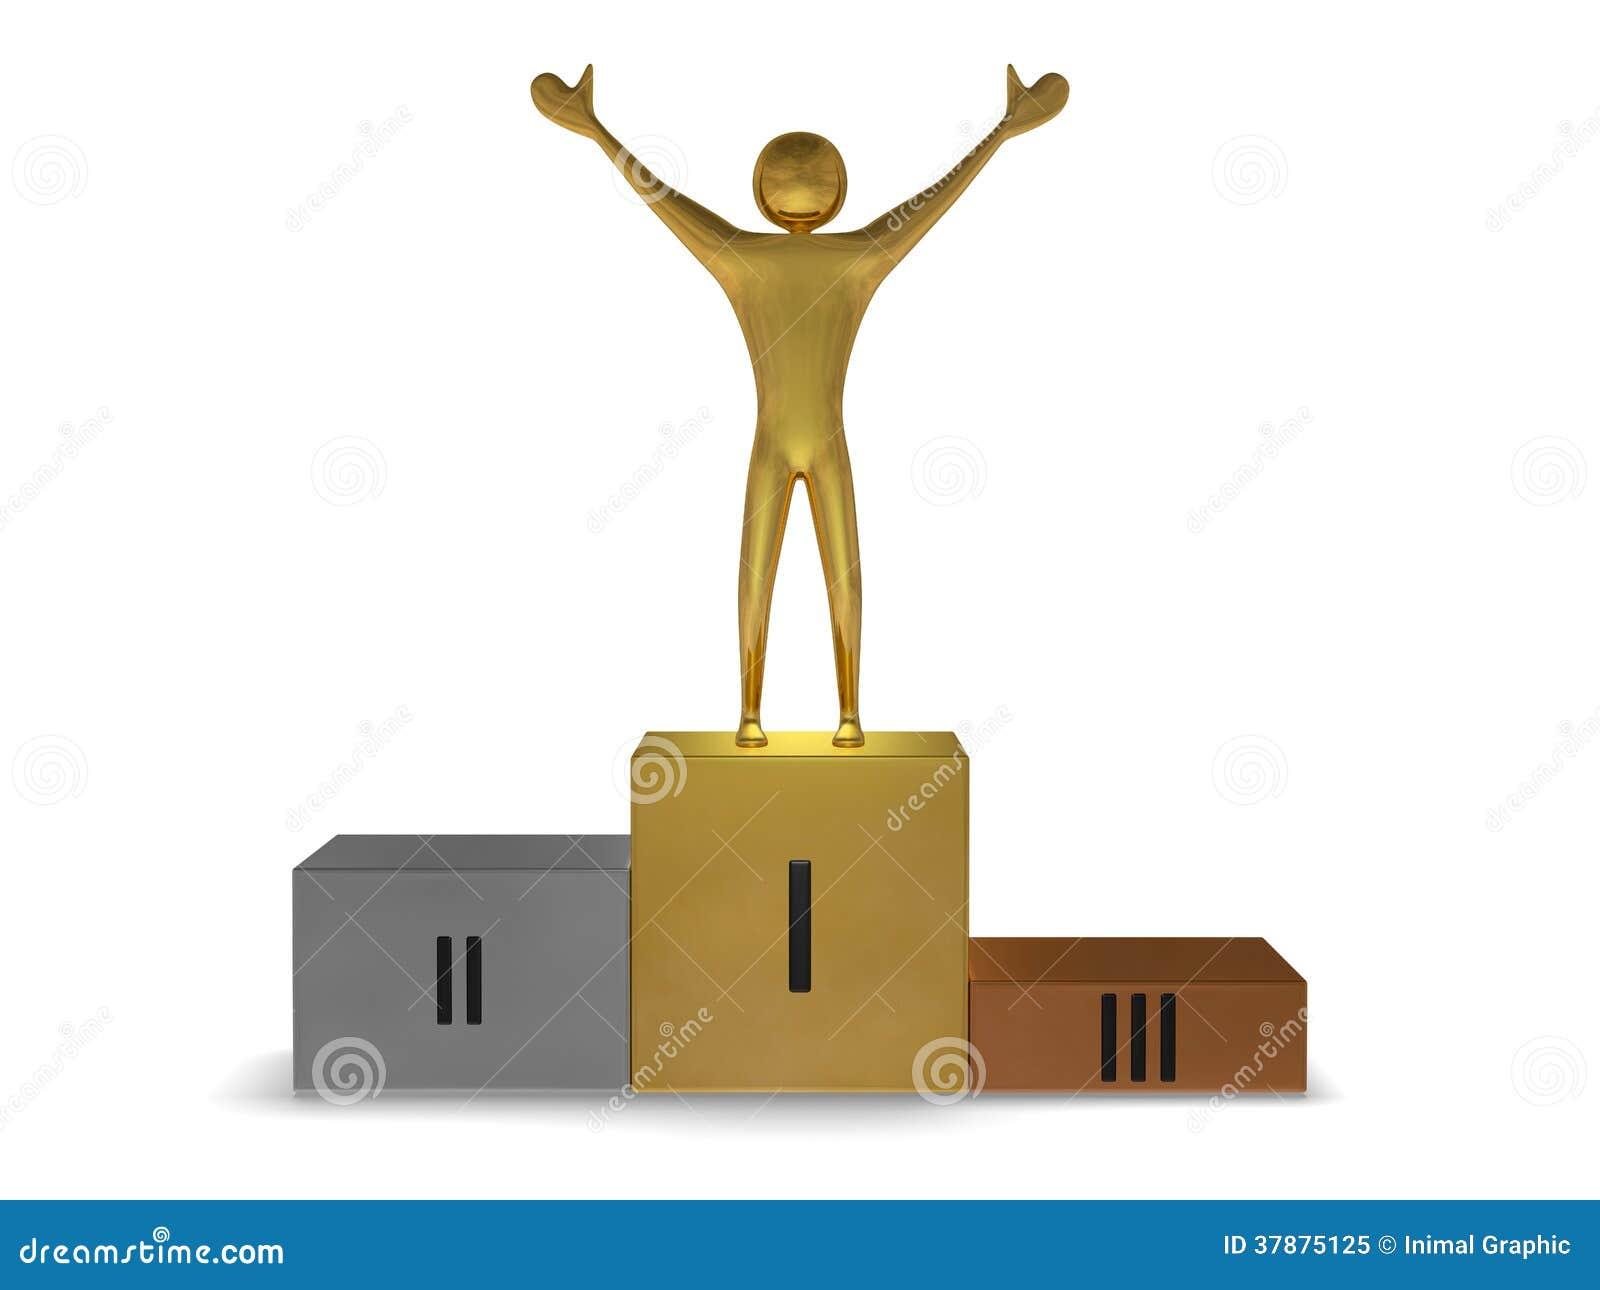 Gouden winnaar op podium van goud, zilver en brons. Vooraanzicht